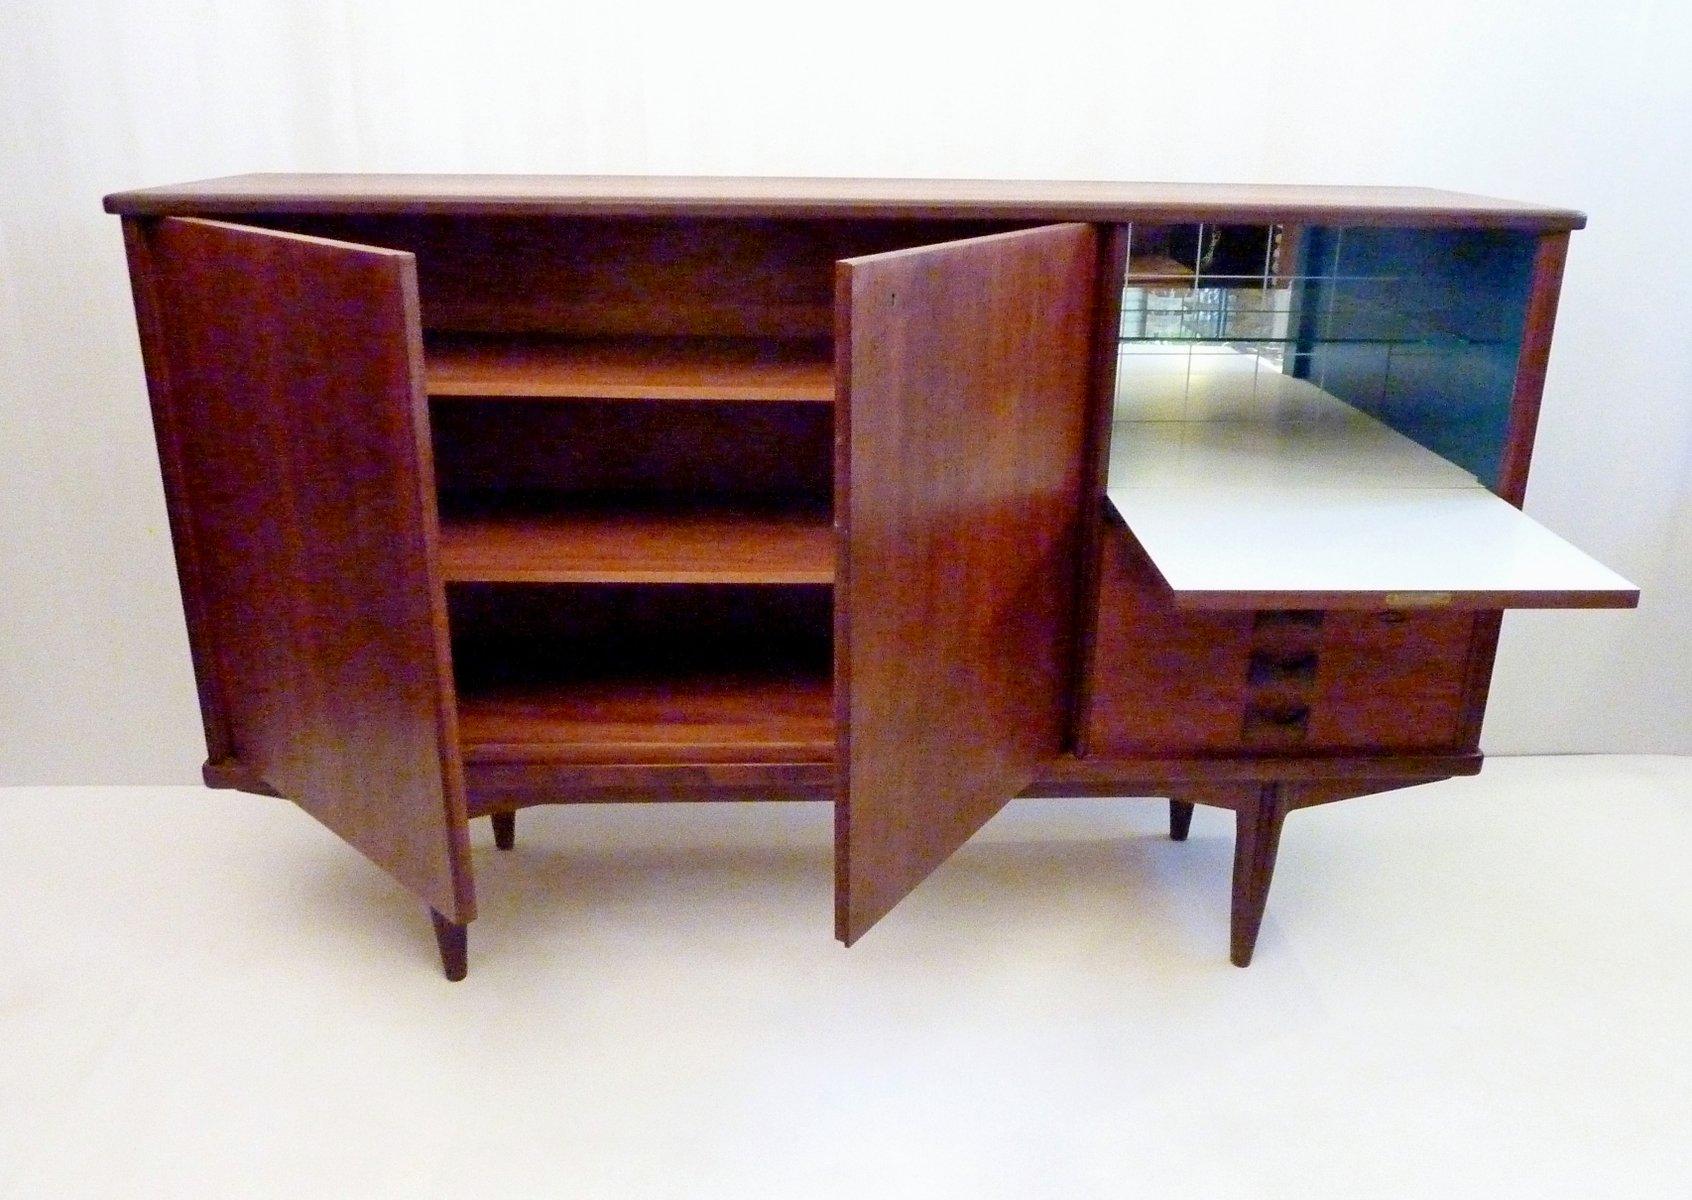 schwedisches mid century sideboard mit bar bei pamono kaufen. Black Bedroom Furniture Sets. Home Design Ideas